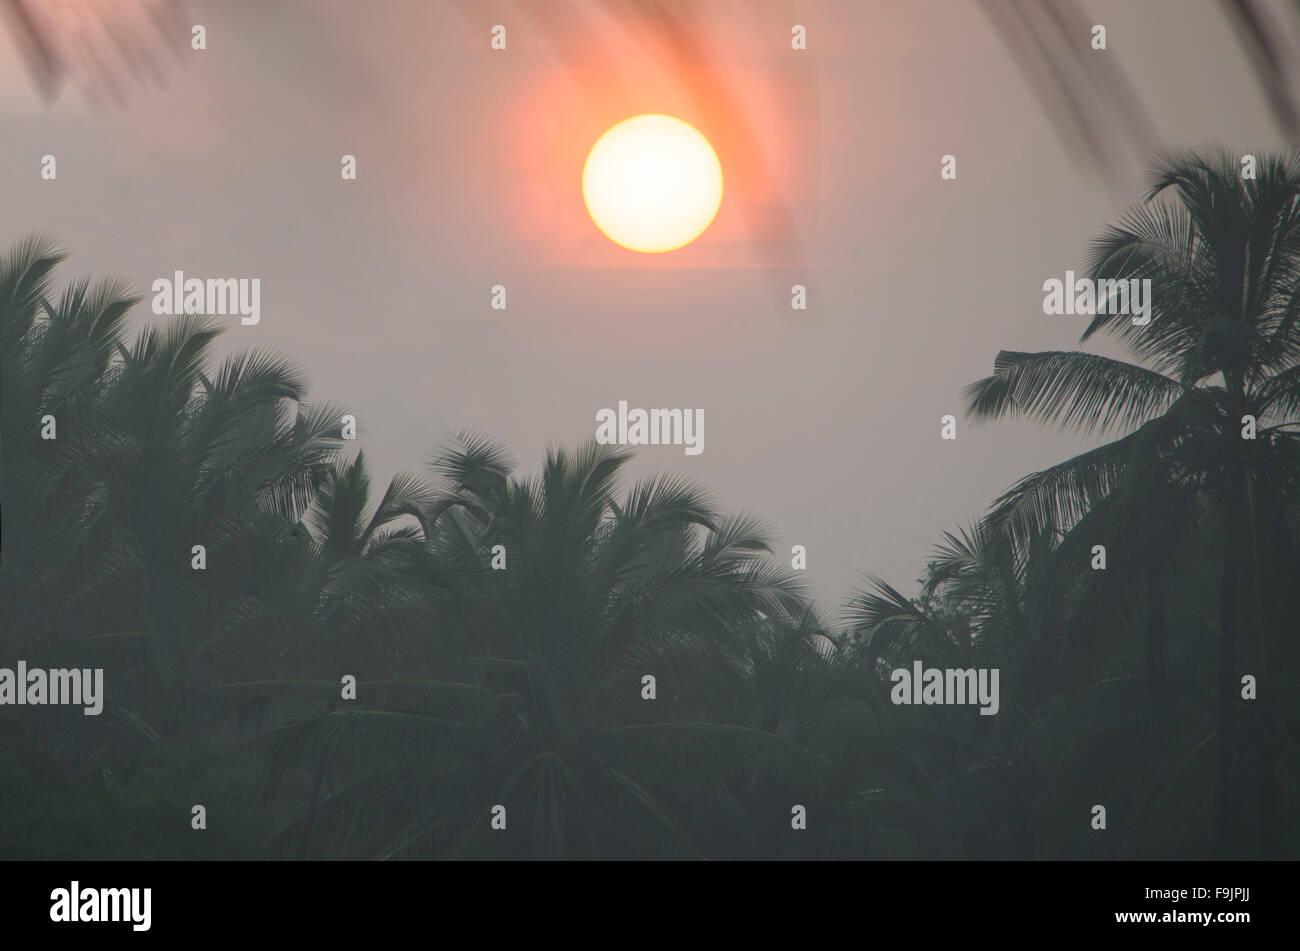 Landschaft-Sonnenaufgang im Nebel gegen eine dunkle Kontur der Palmen und Blätter, eine Landschaft, Sonnenaufgang, Stockbild